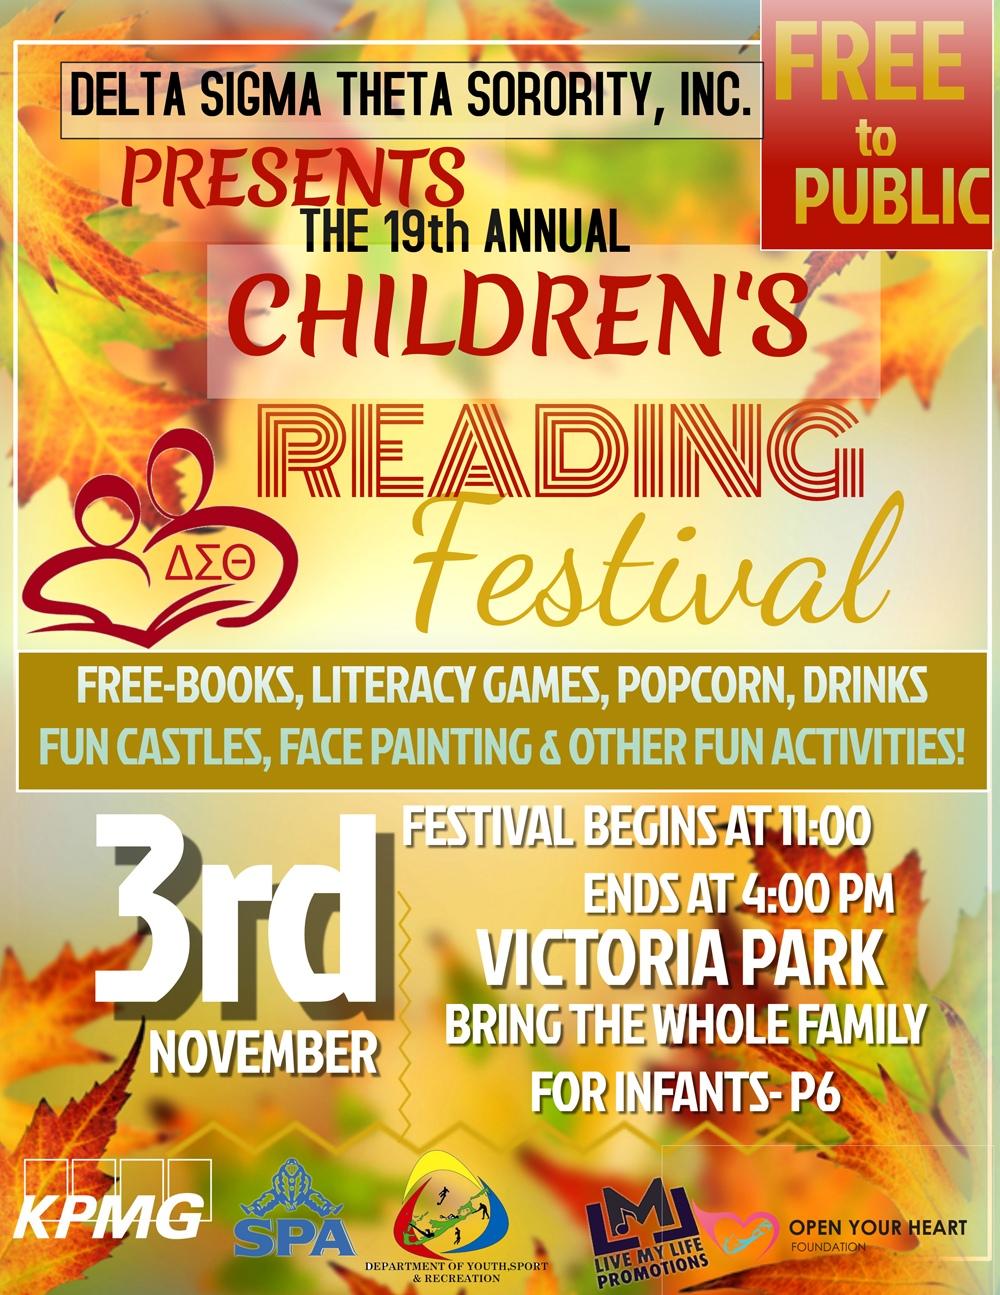 Children's Reading Festival Bermuda Nov 2 2018 (4)